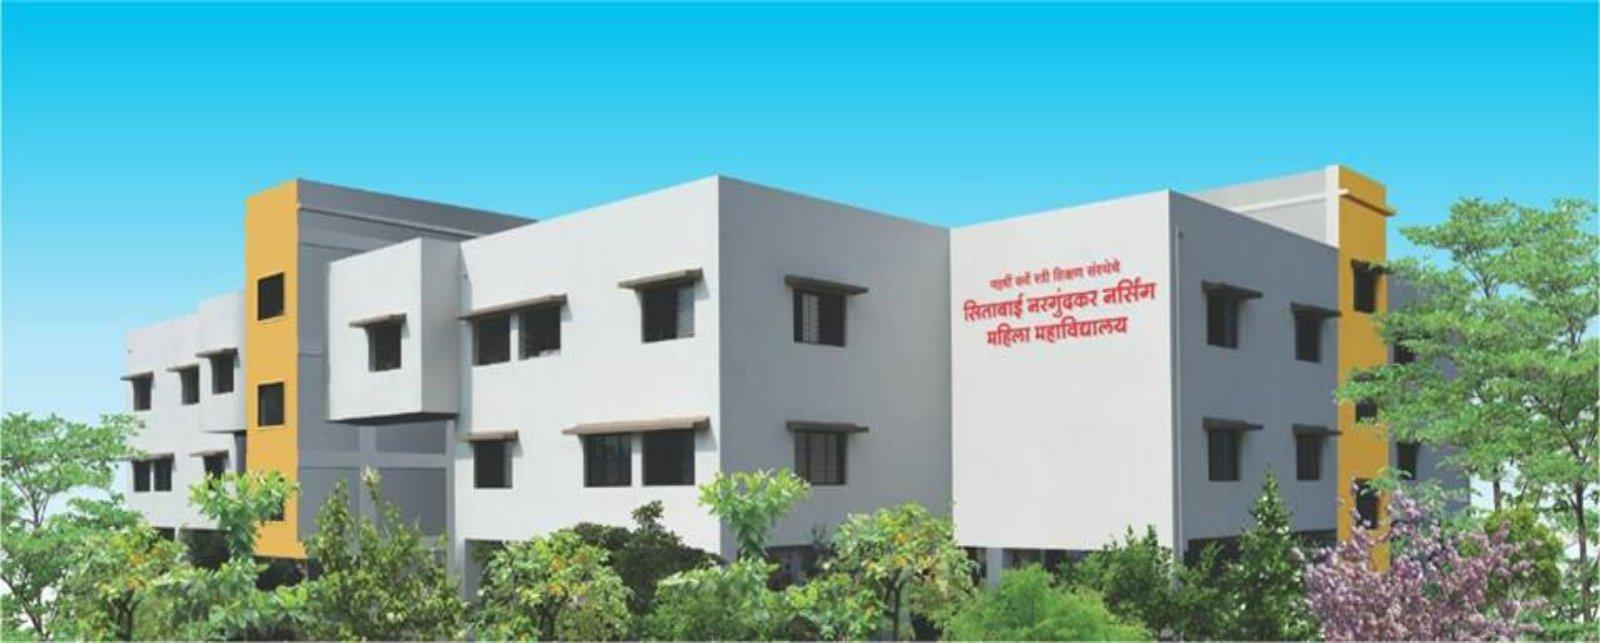 Sitabai Nargundkar College of Nursing for Women, Nagpur Image